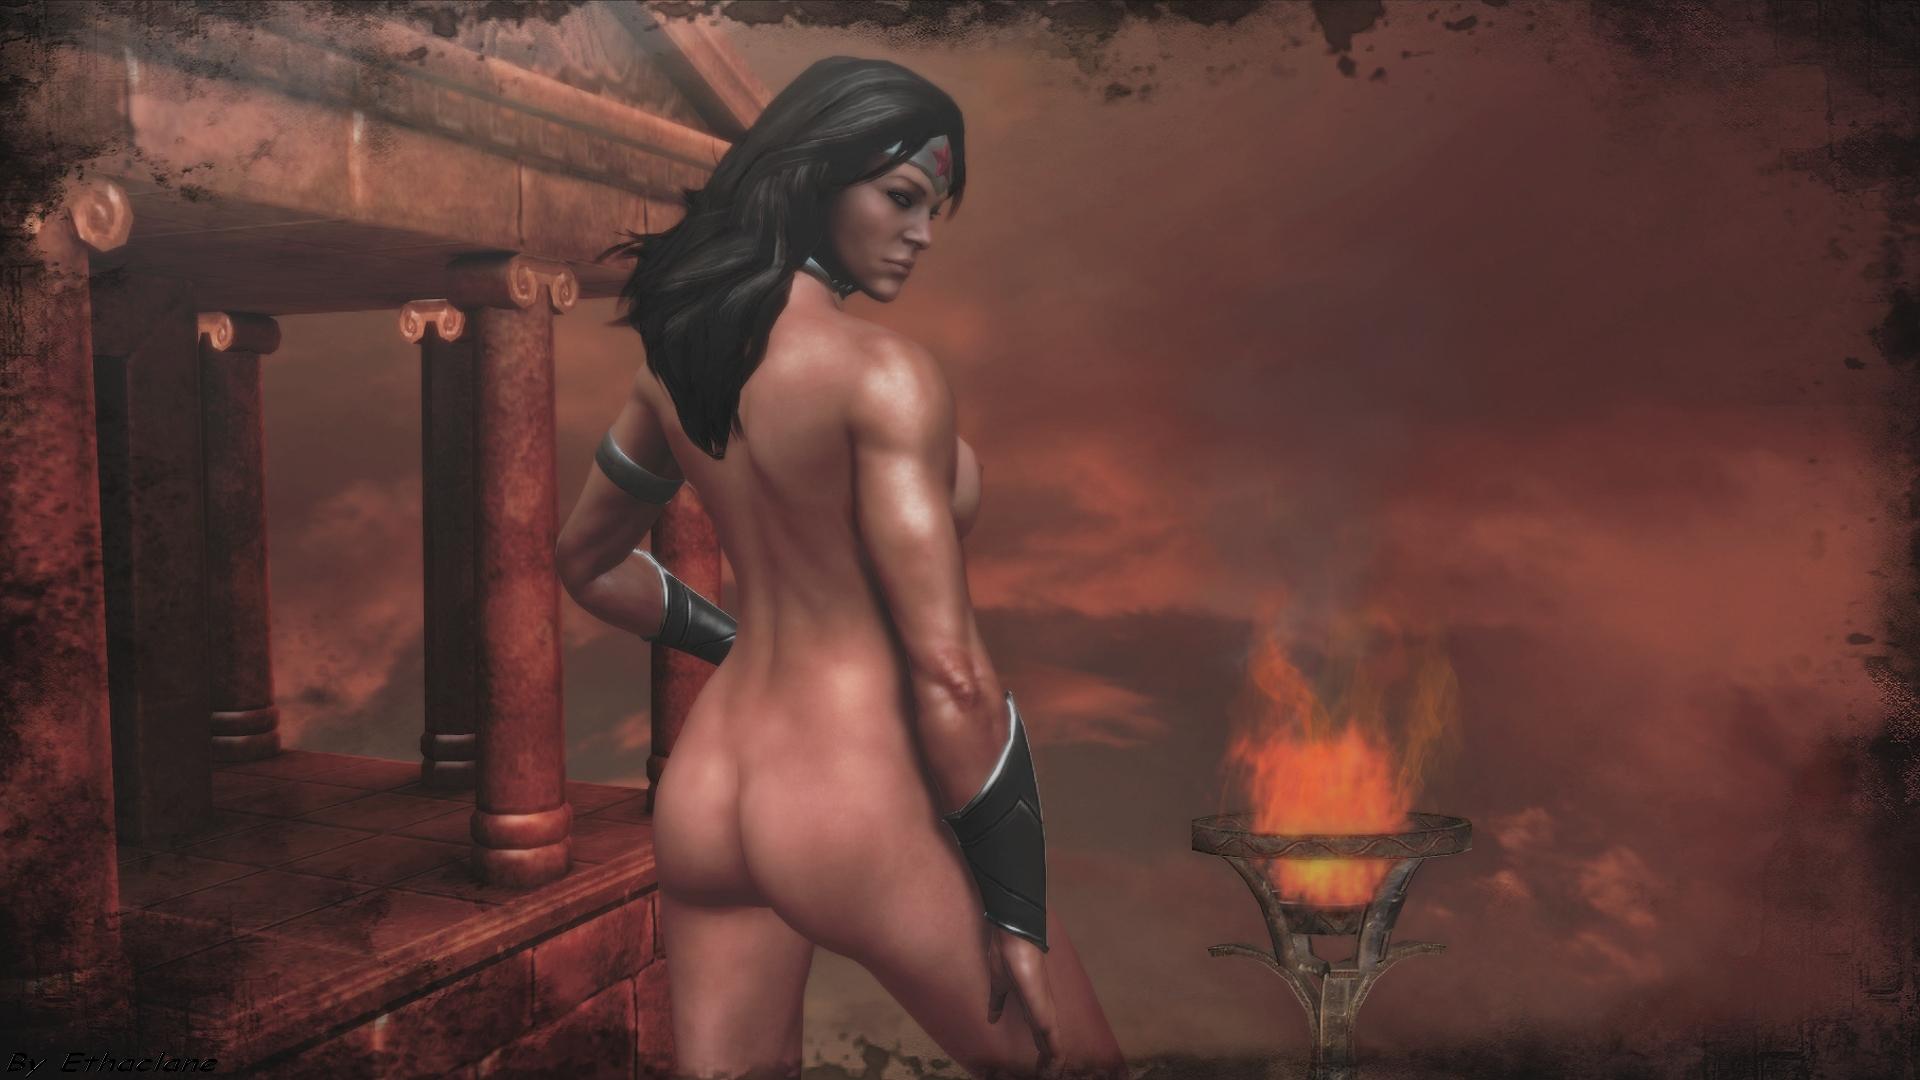 3d wonder woman nude cartoon vintage girl